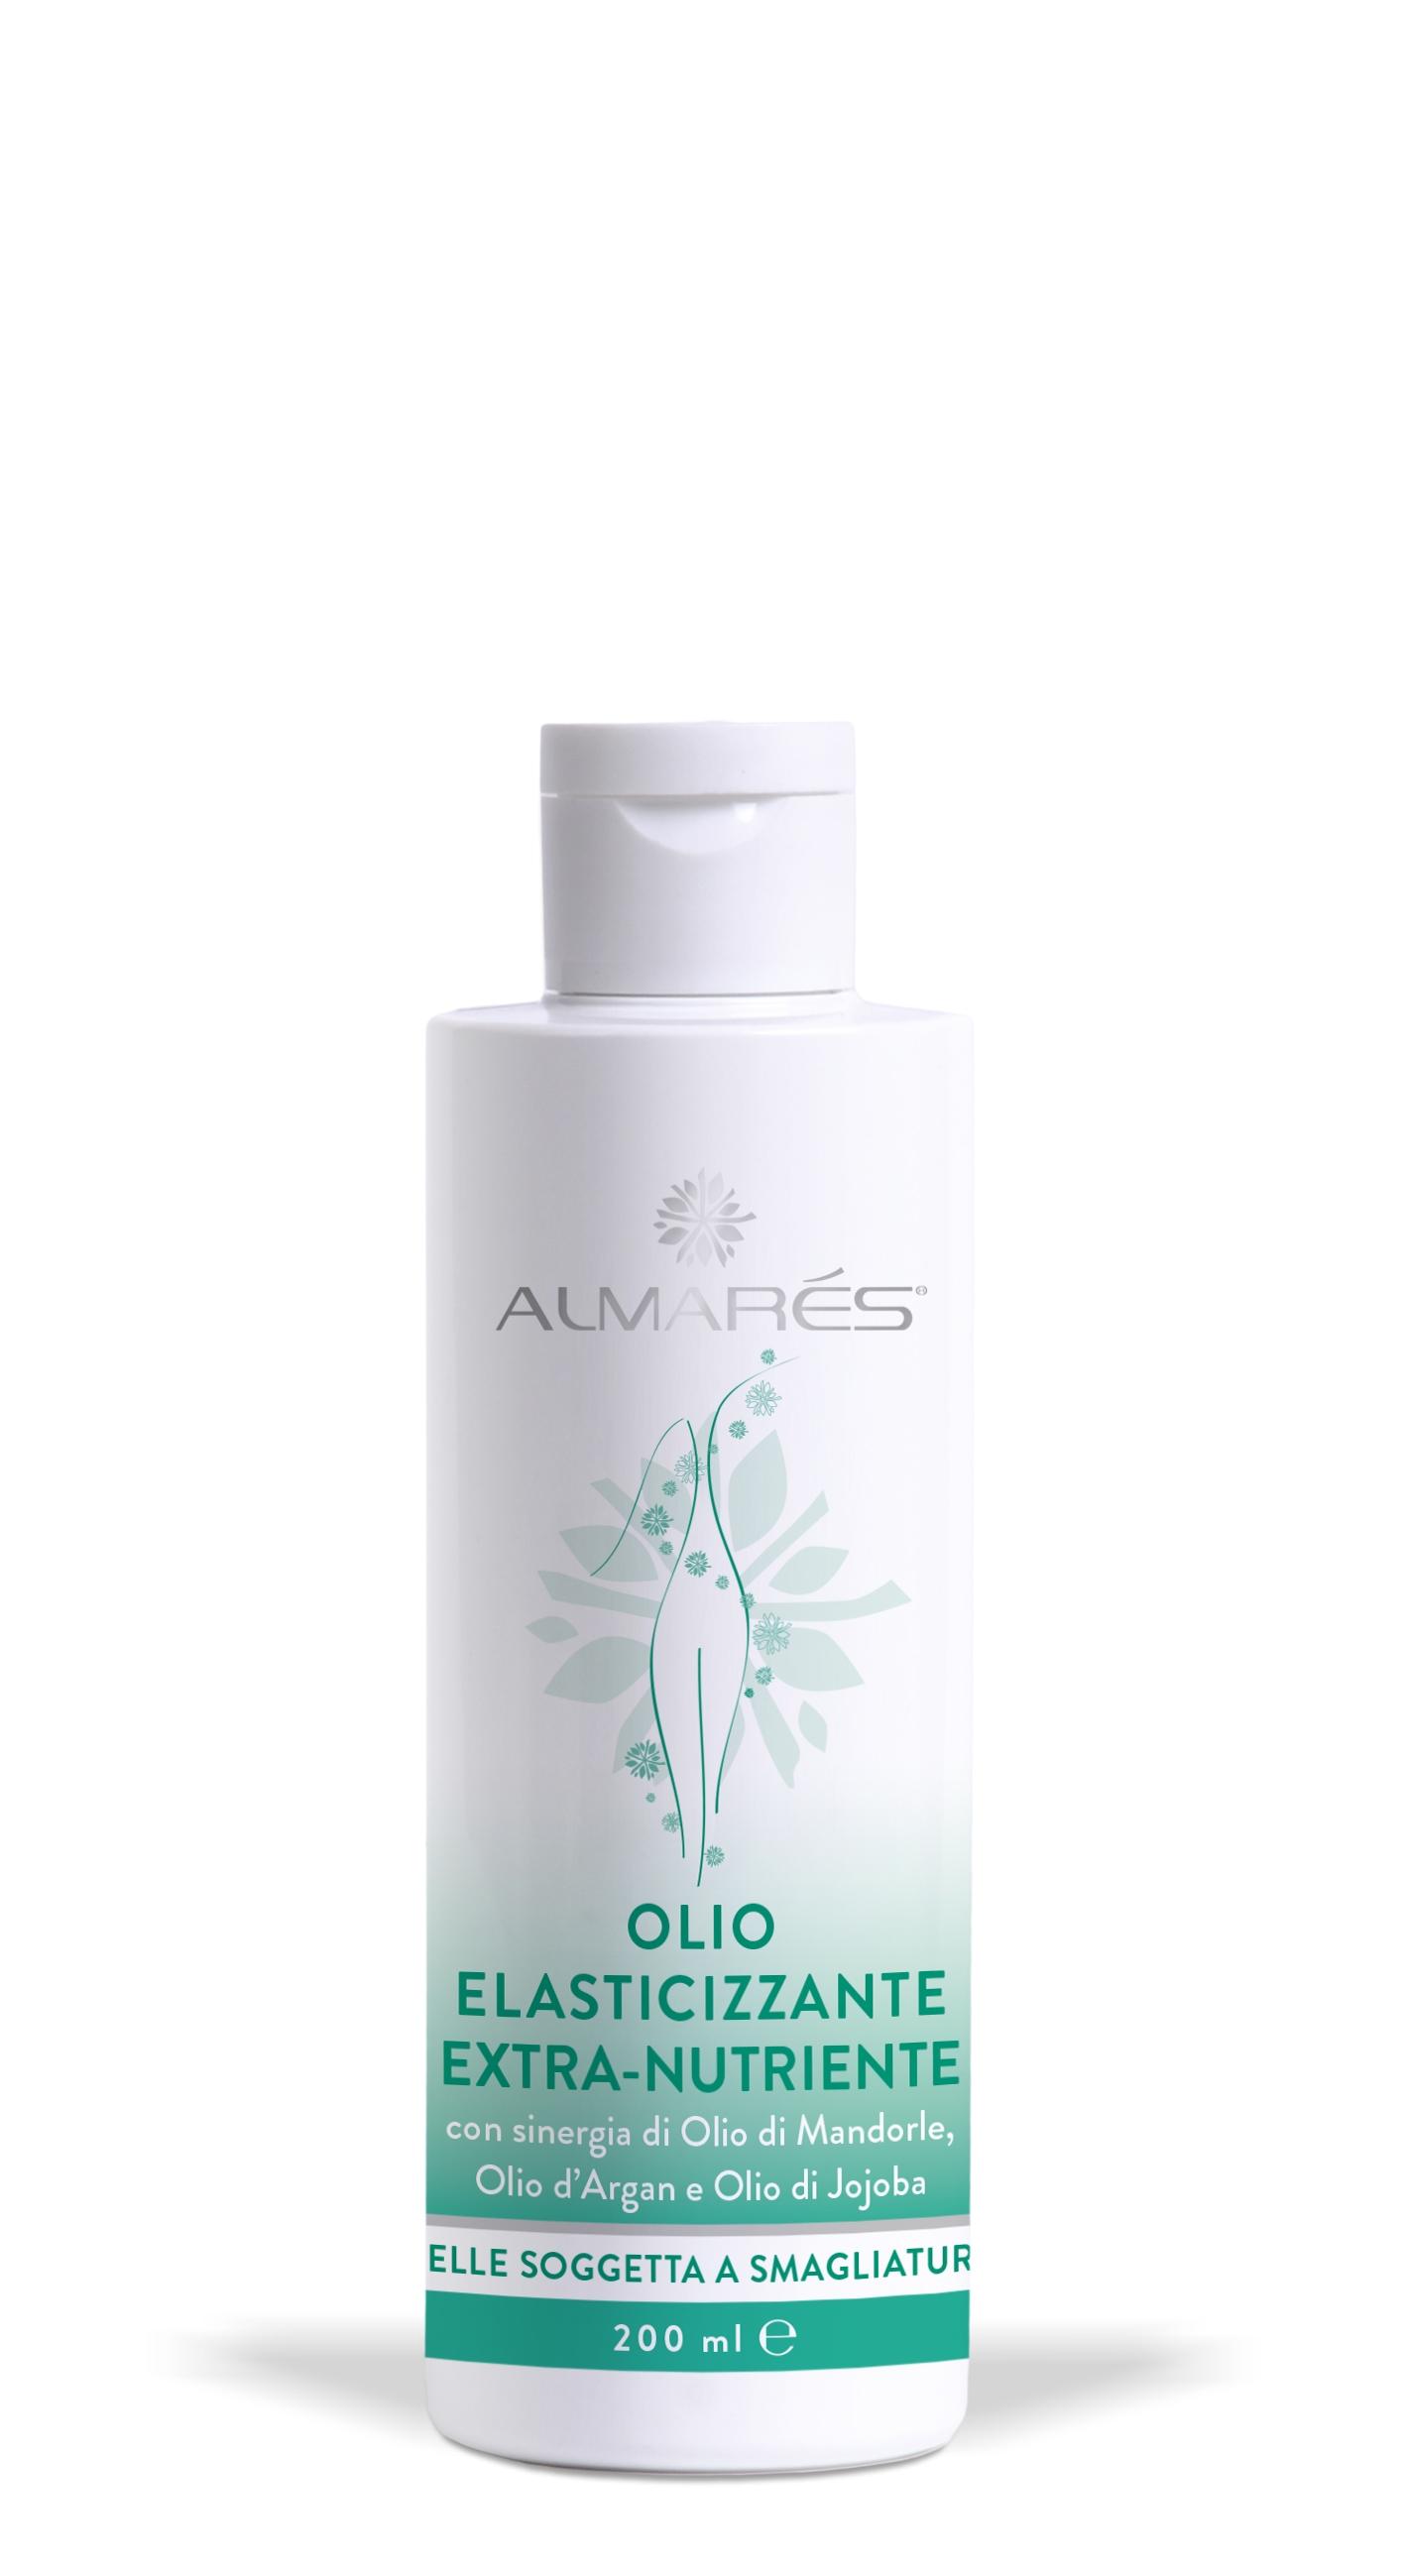 Image of Almarés Olio Elasticizzante Extra Nutriente 200 ml